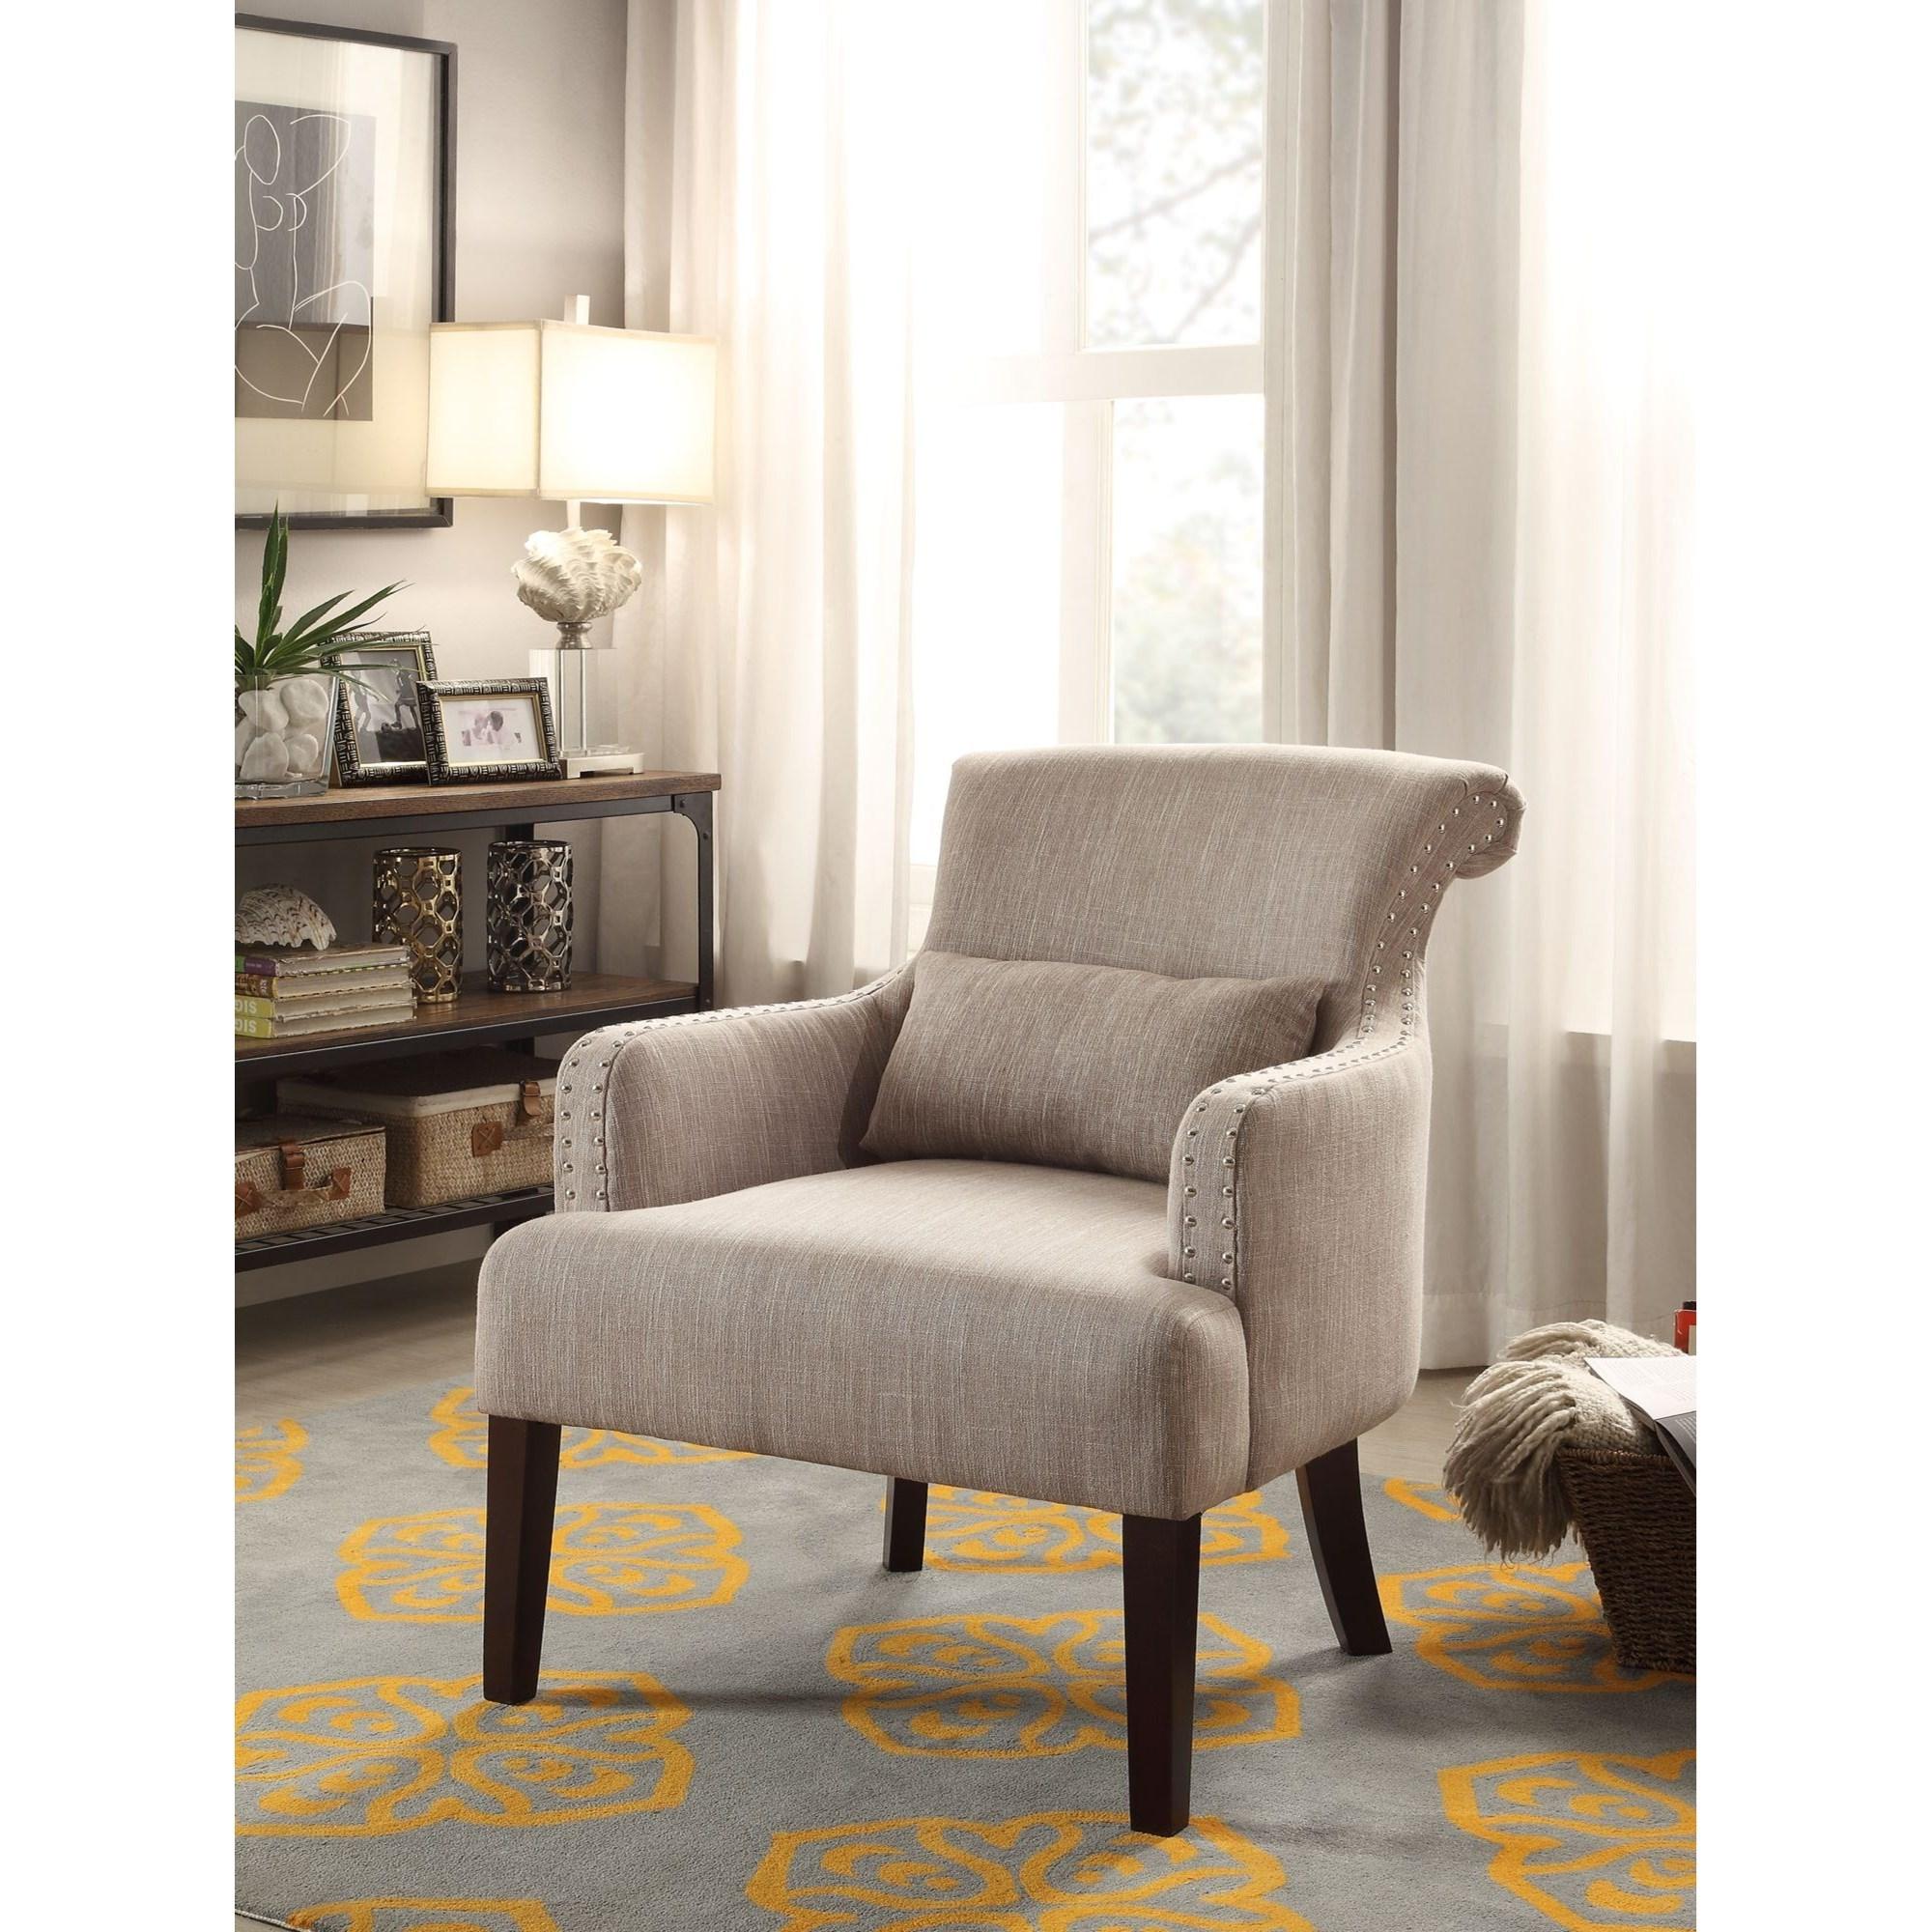 Homelegance Reedley Transitional Upholstered Chair - Item Number: 1235BR